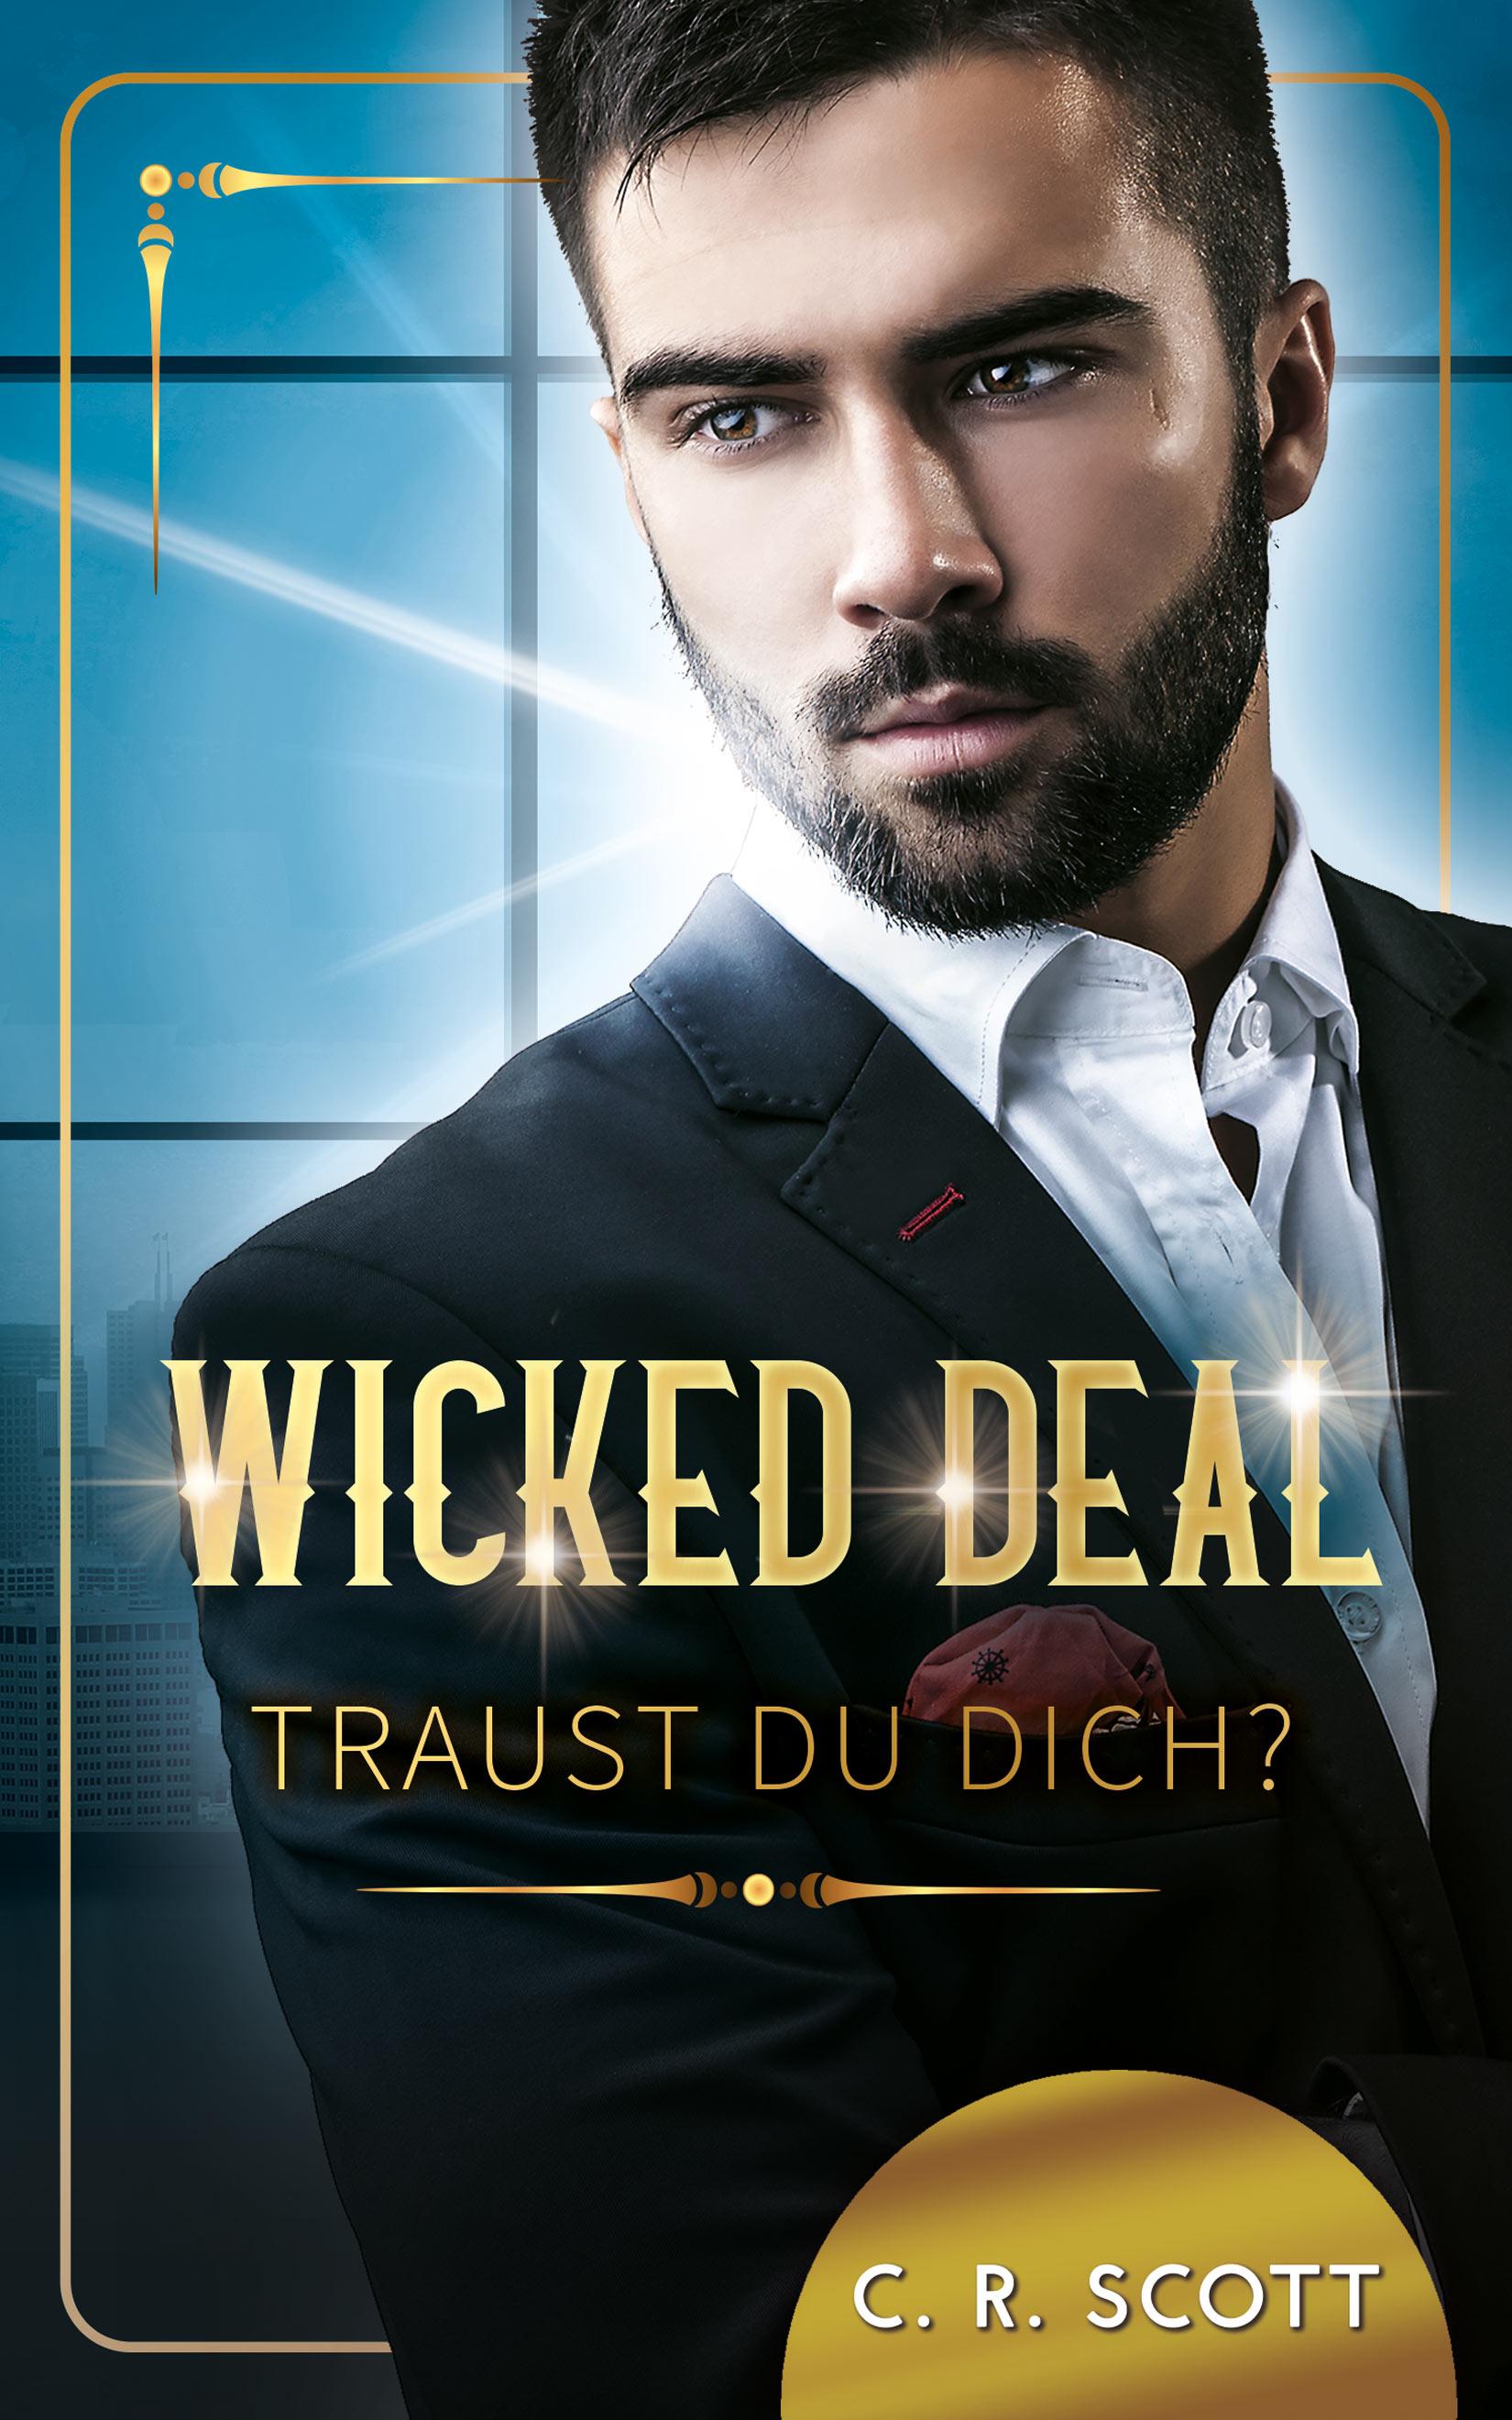 C. R. Scott – Wicked Deal